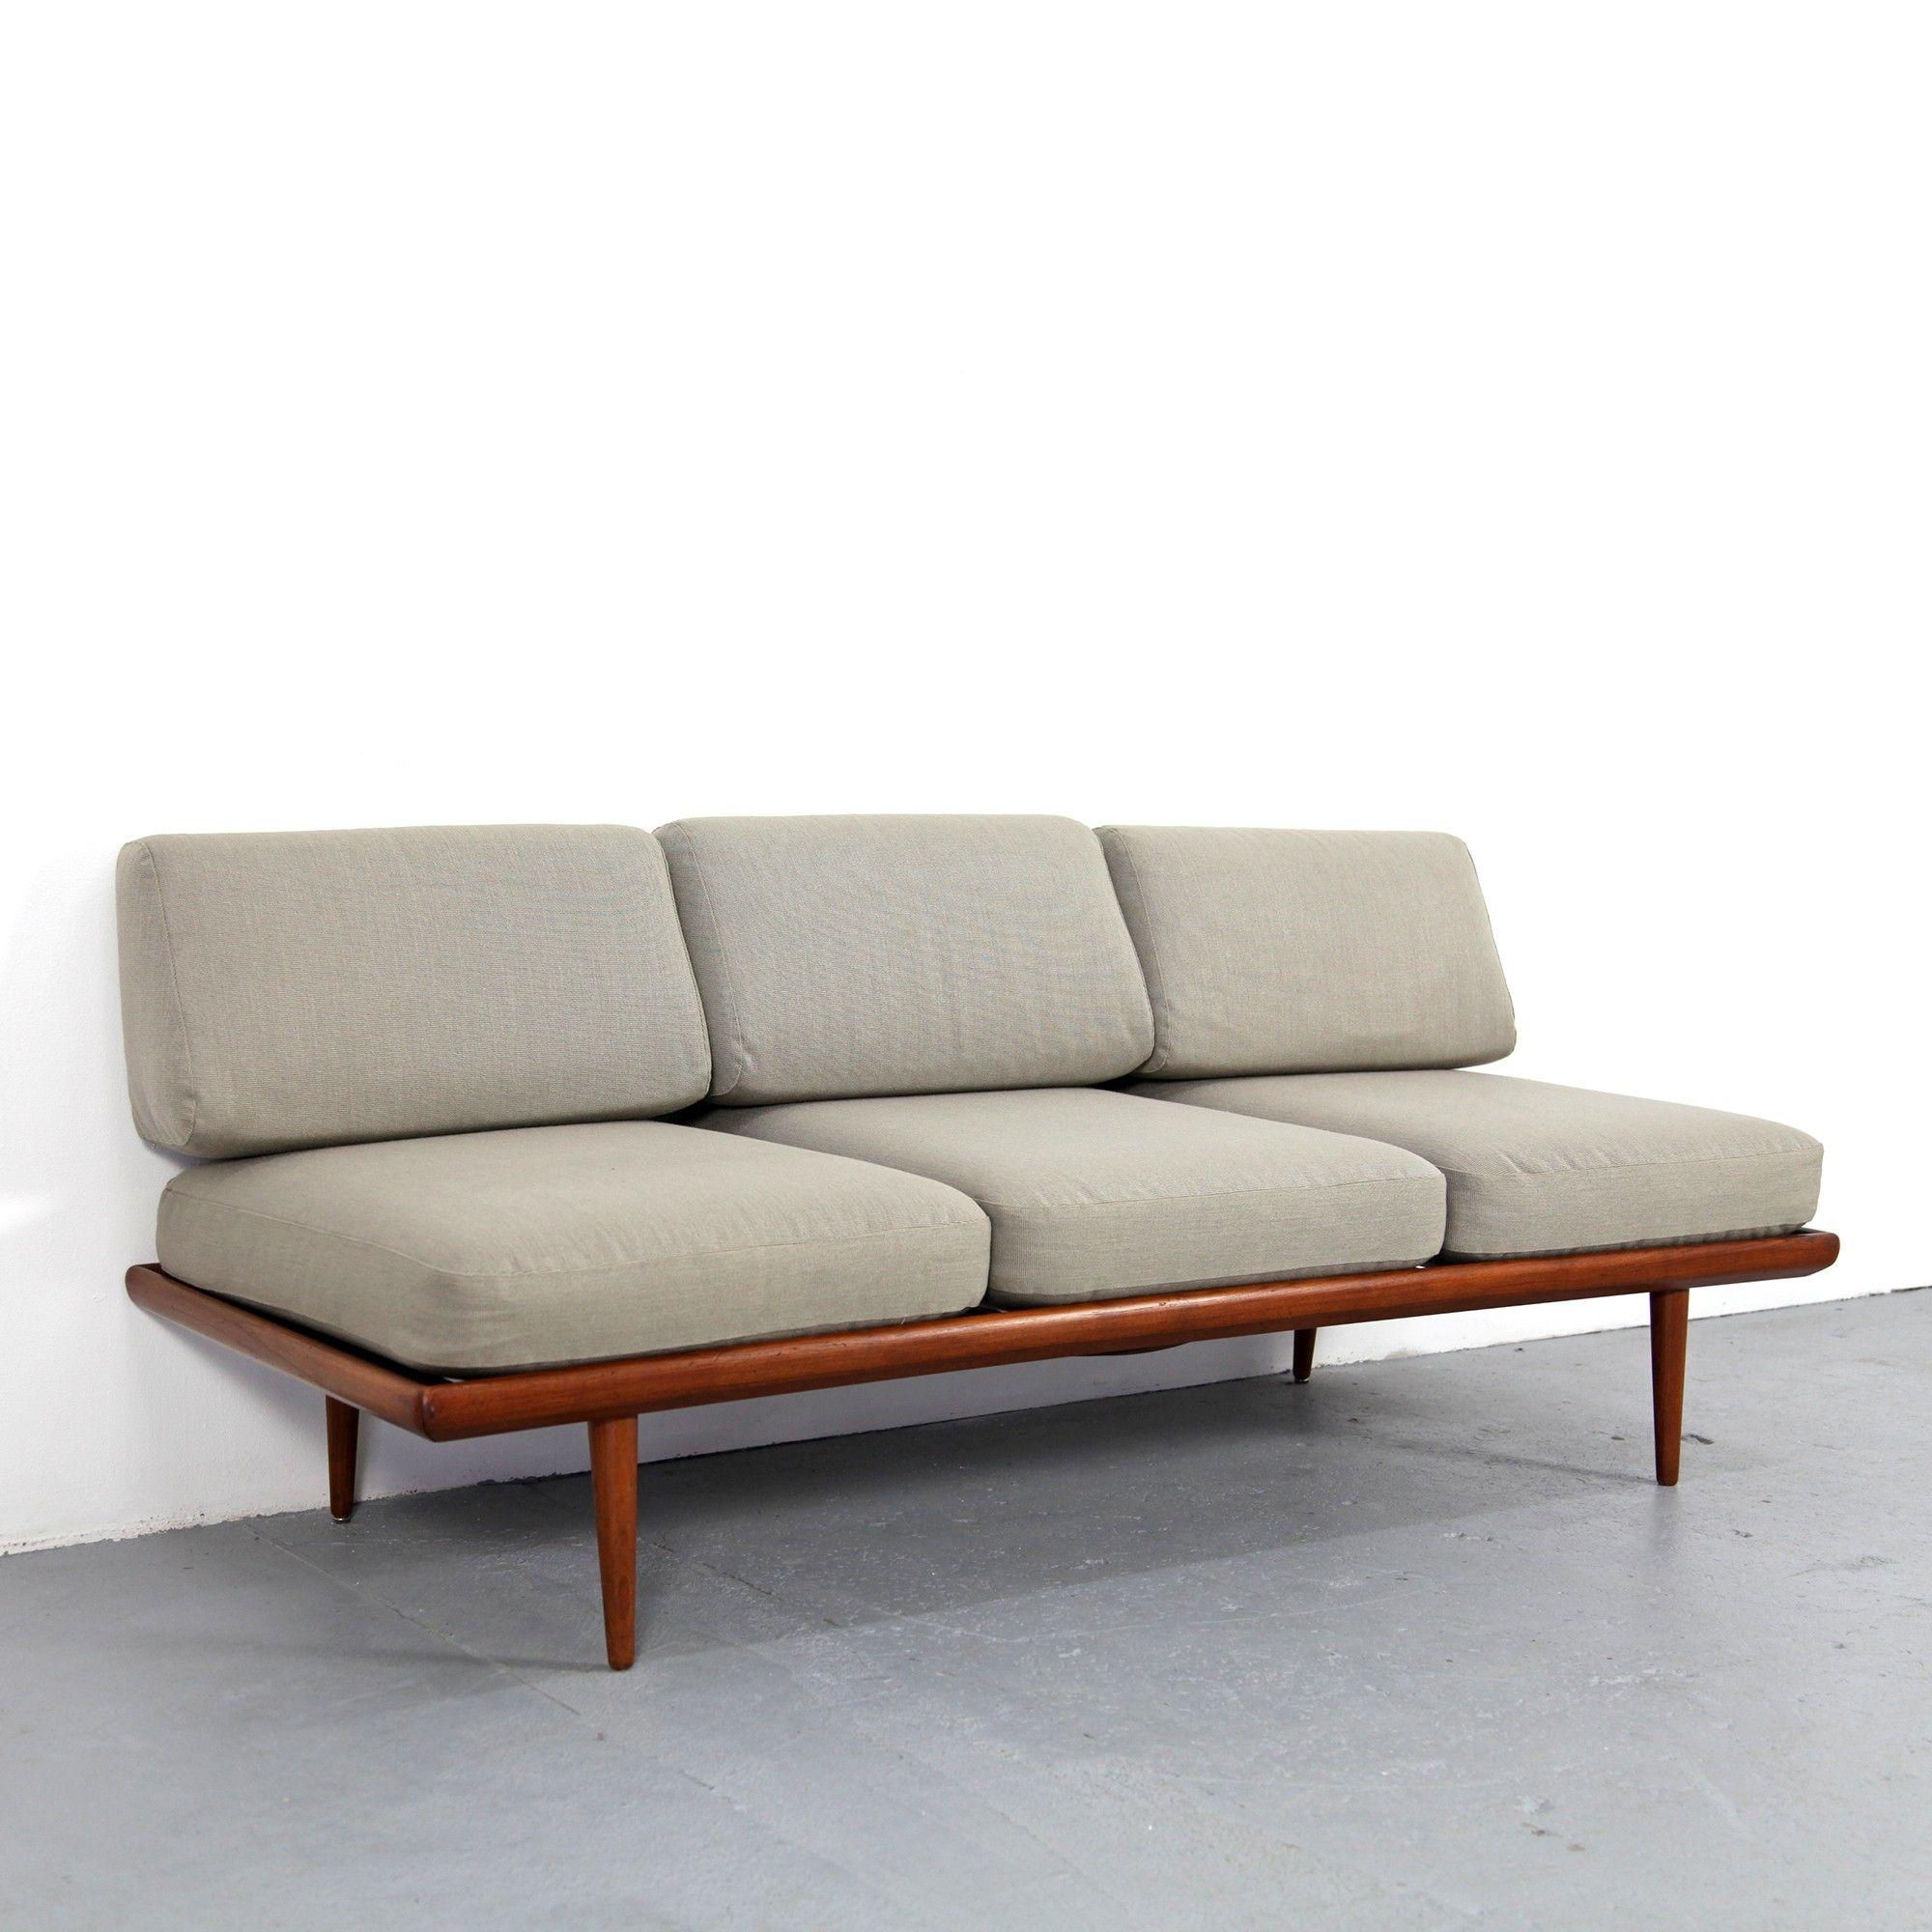 Minverva Daybed Sofa By Peter Hvidt Orla Molgaard Nielsen For